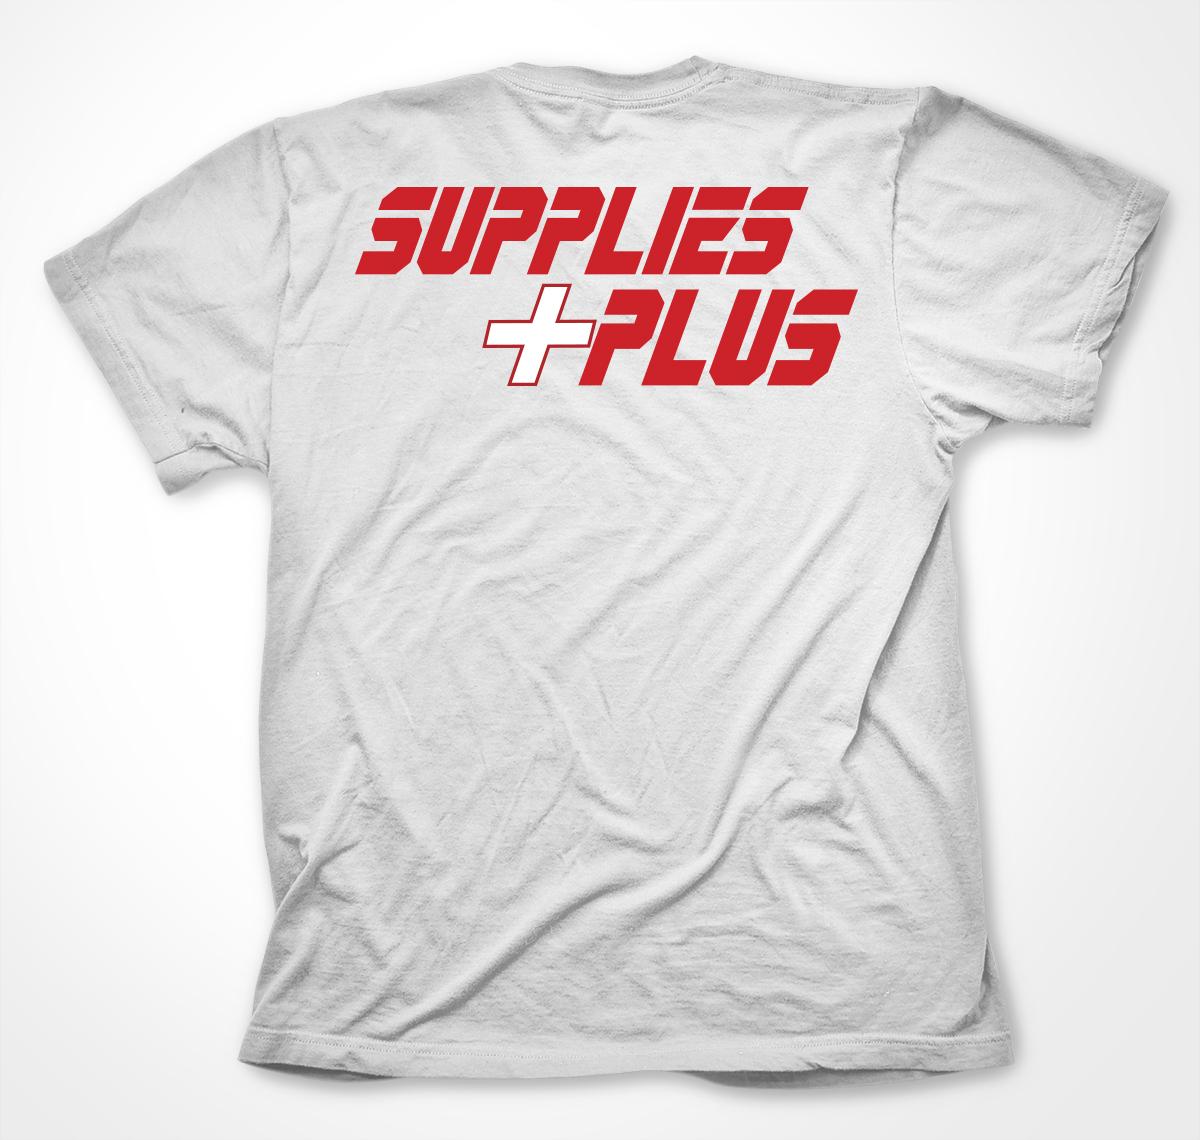 Shirt design supplies - T Shirt Design By Jaden Ranen For Supplies Plus Needs T Shirt Of Automotive Design